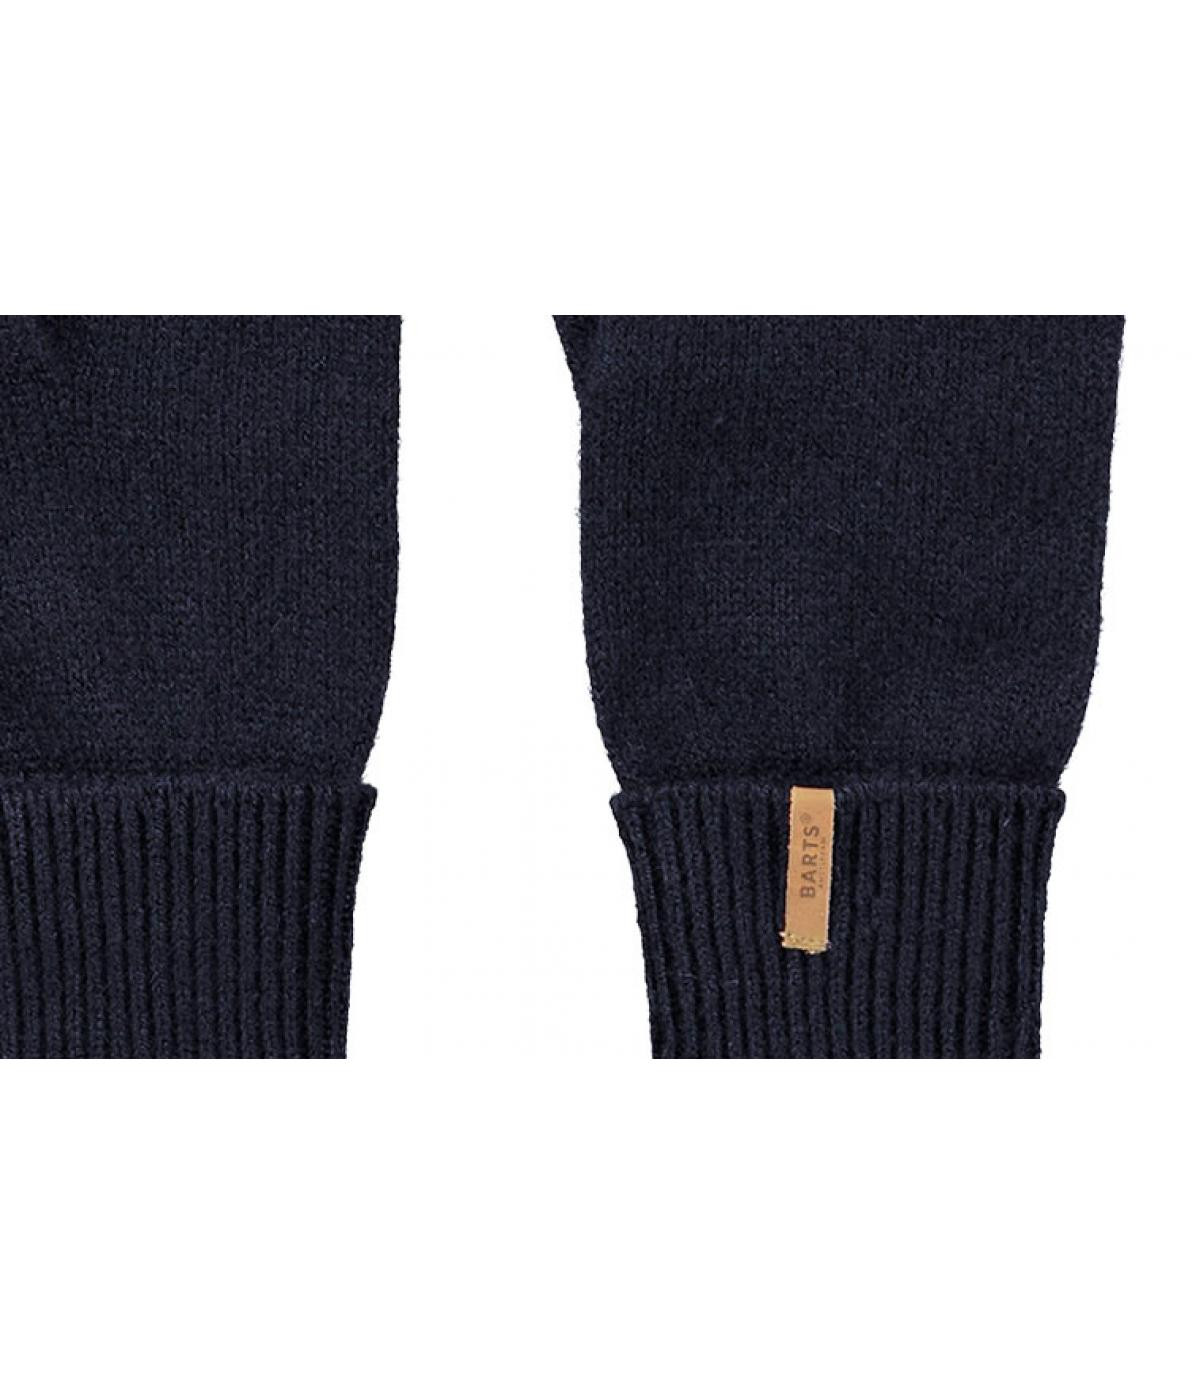 Details Fine Knitted Gloves navy - Abbildung 2